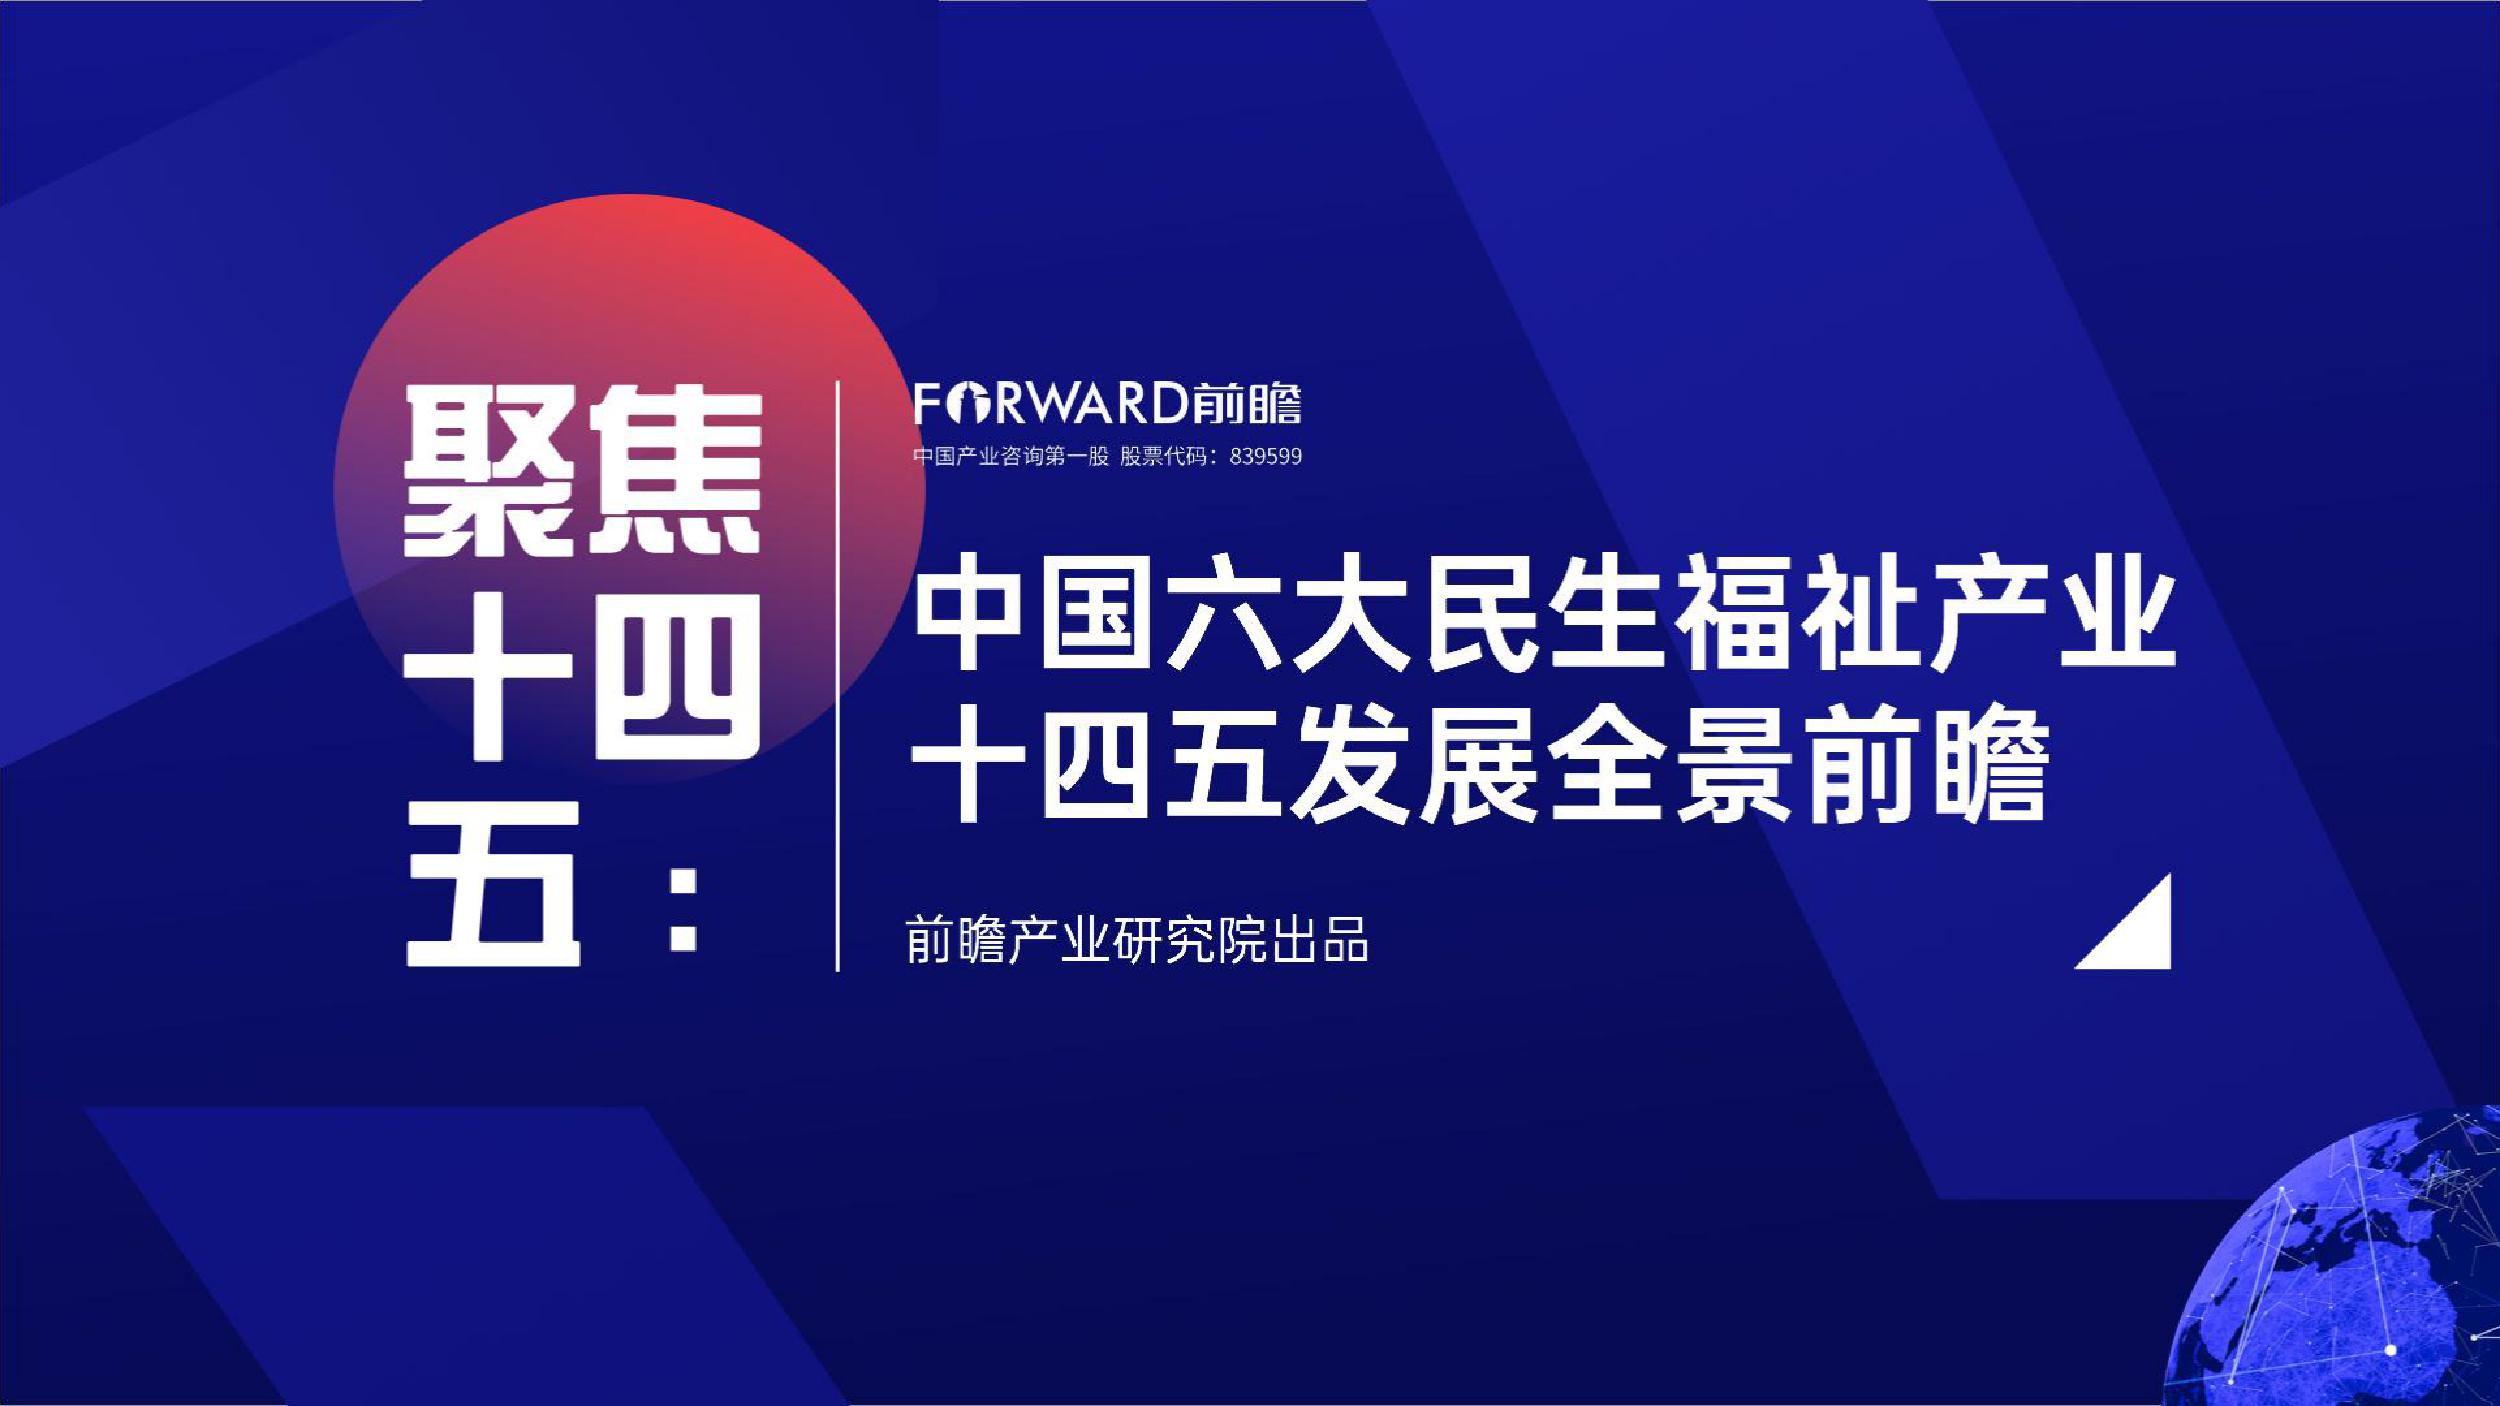 聚焦十四五:中国六大民生福祉产业十四五发展全景前瞻